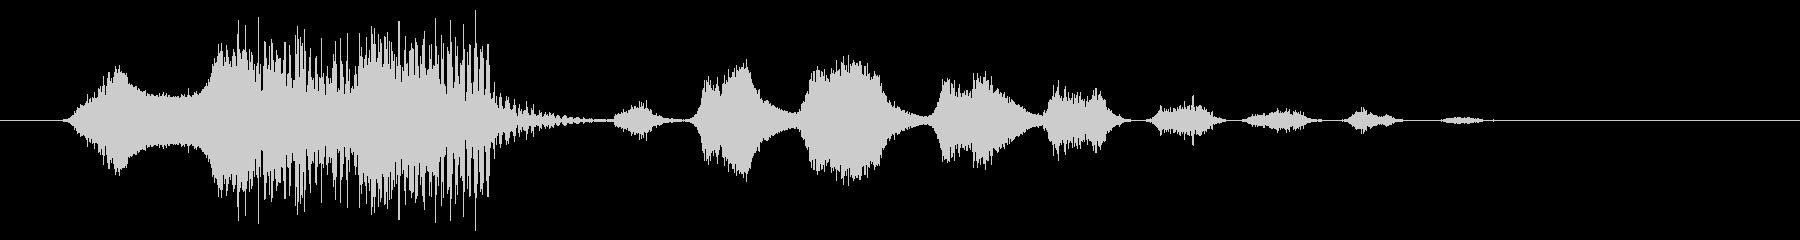 生体力学クリーチャー:短い機械的ワ...の未再生の波形